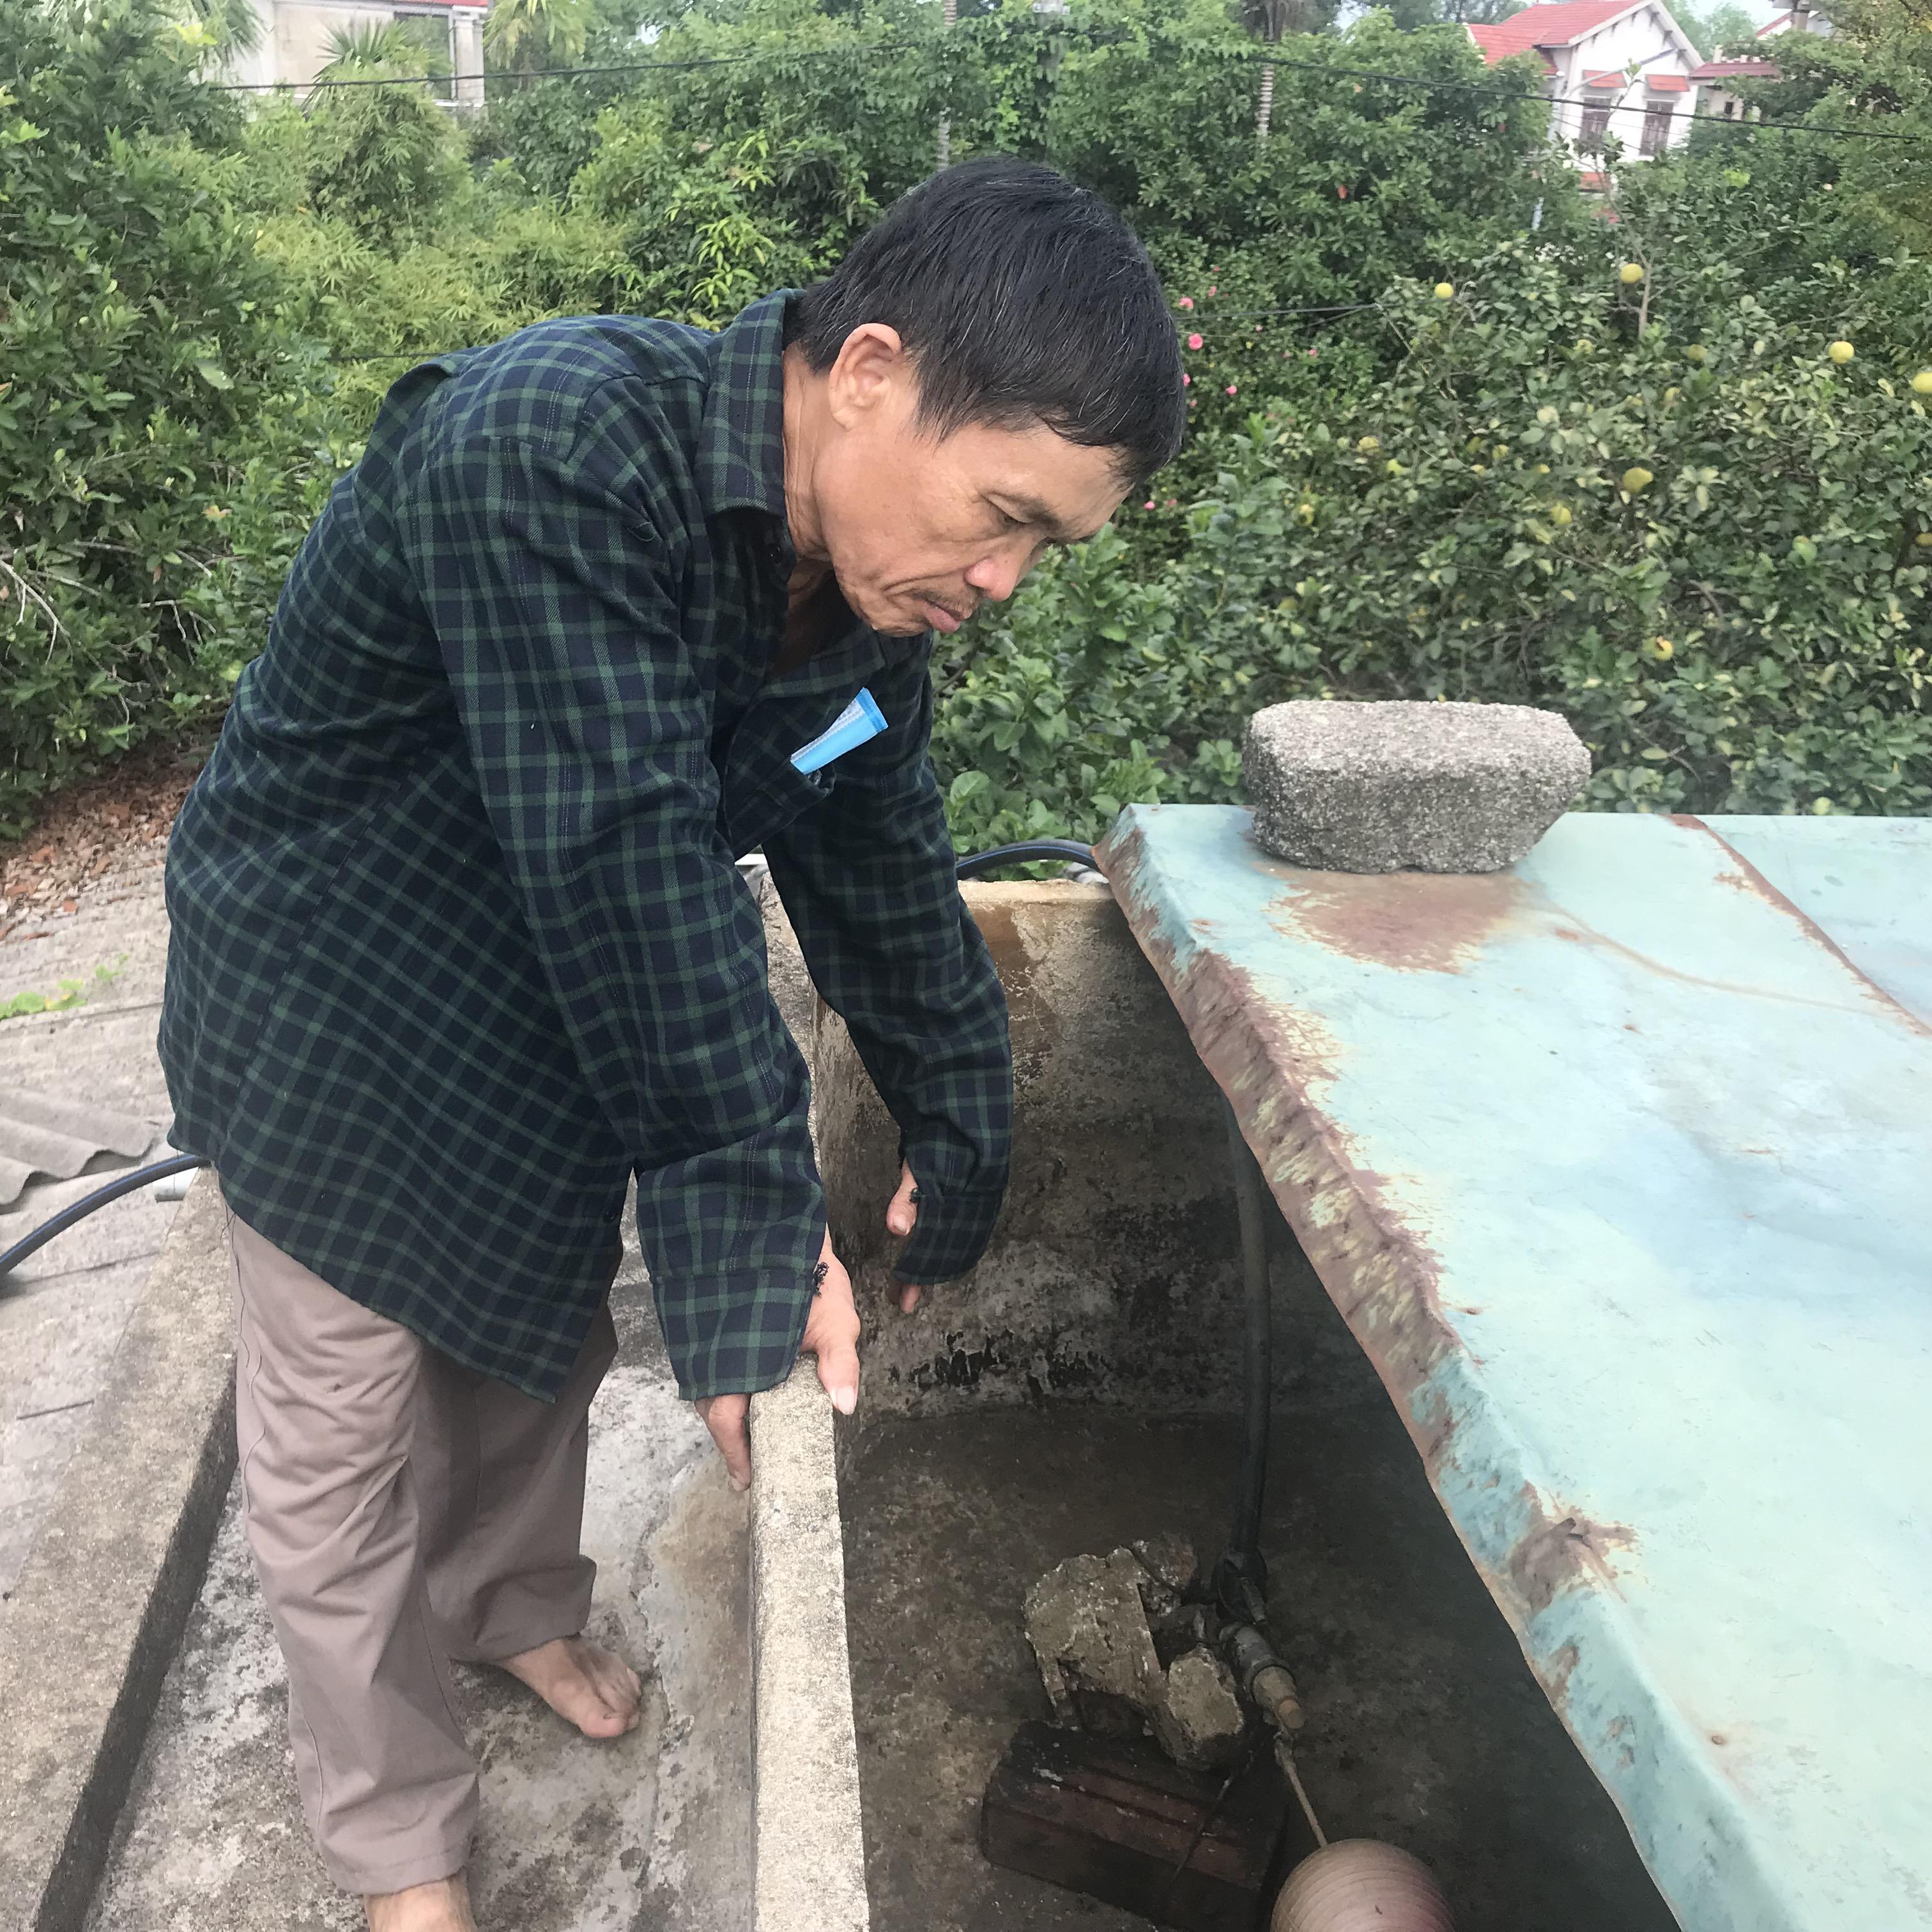 Người dân xã Thạch Thanh (cũ) bức xúc vì nước sinh hoạt bị ngắt không báo trước.